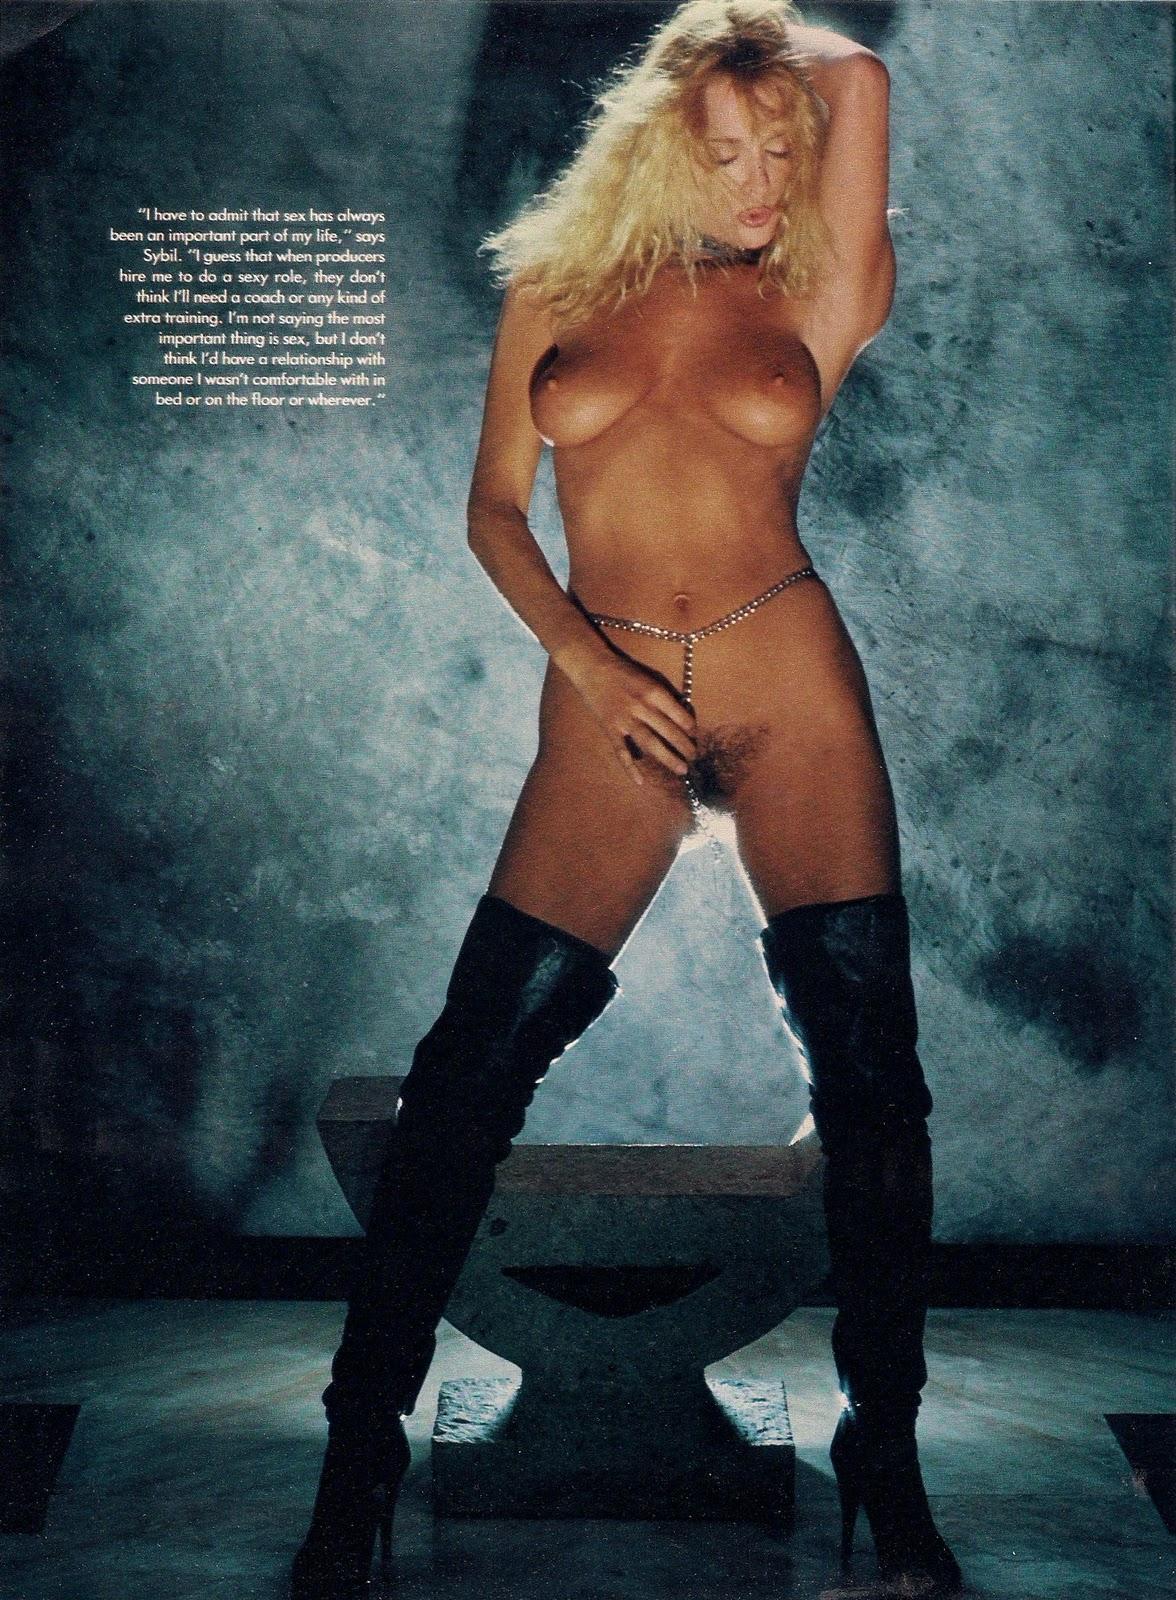 Big huge latina boobs